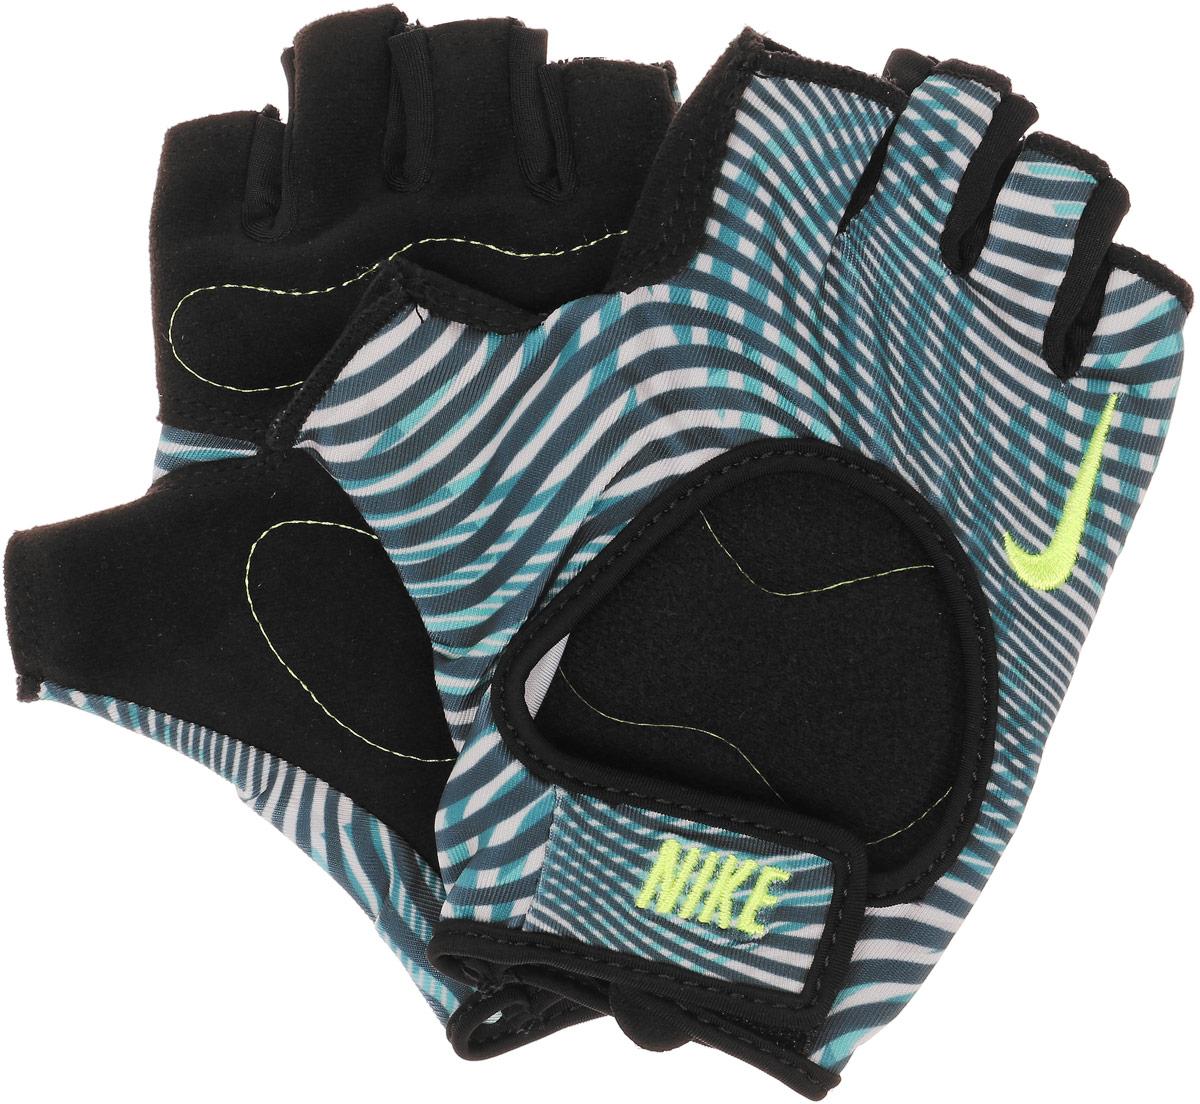 Перчатки для фитнеса женские Nike, цвет: серый, желтый. Размер SN.LG.B0.046.SL_серый, желтыйЛегкие женские перчатки Nike для зала. Обеспечивают стабильную поддержку во время силовых тренировок. Открытый верх перчаток обеспечивает отличный воздухообмен, благодаря которому ваши руки будут оставаться сухими. Мягкий и прочный материал на ладони - для комфорта и защиты.